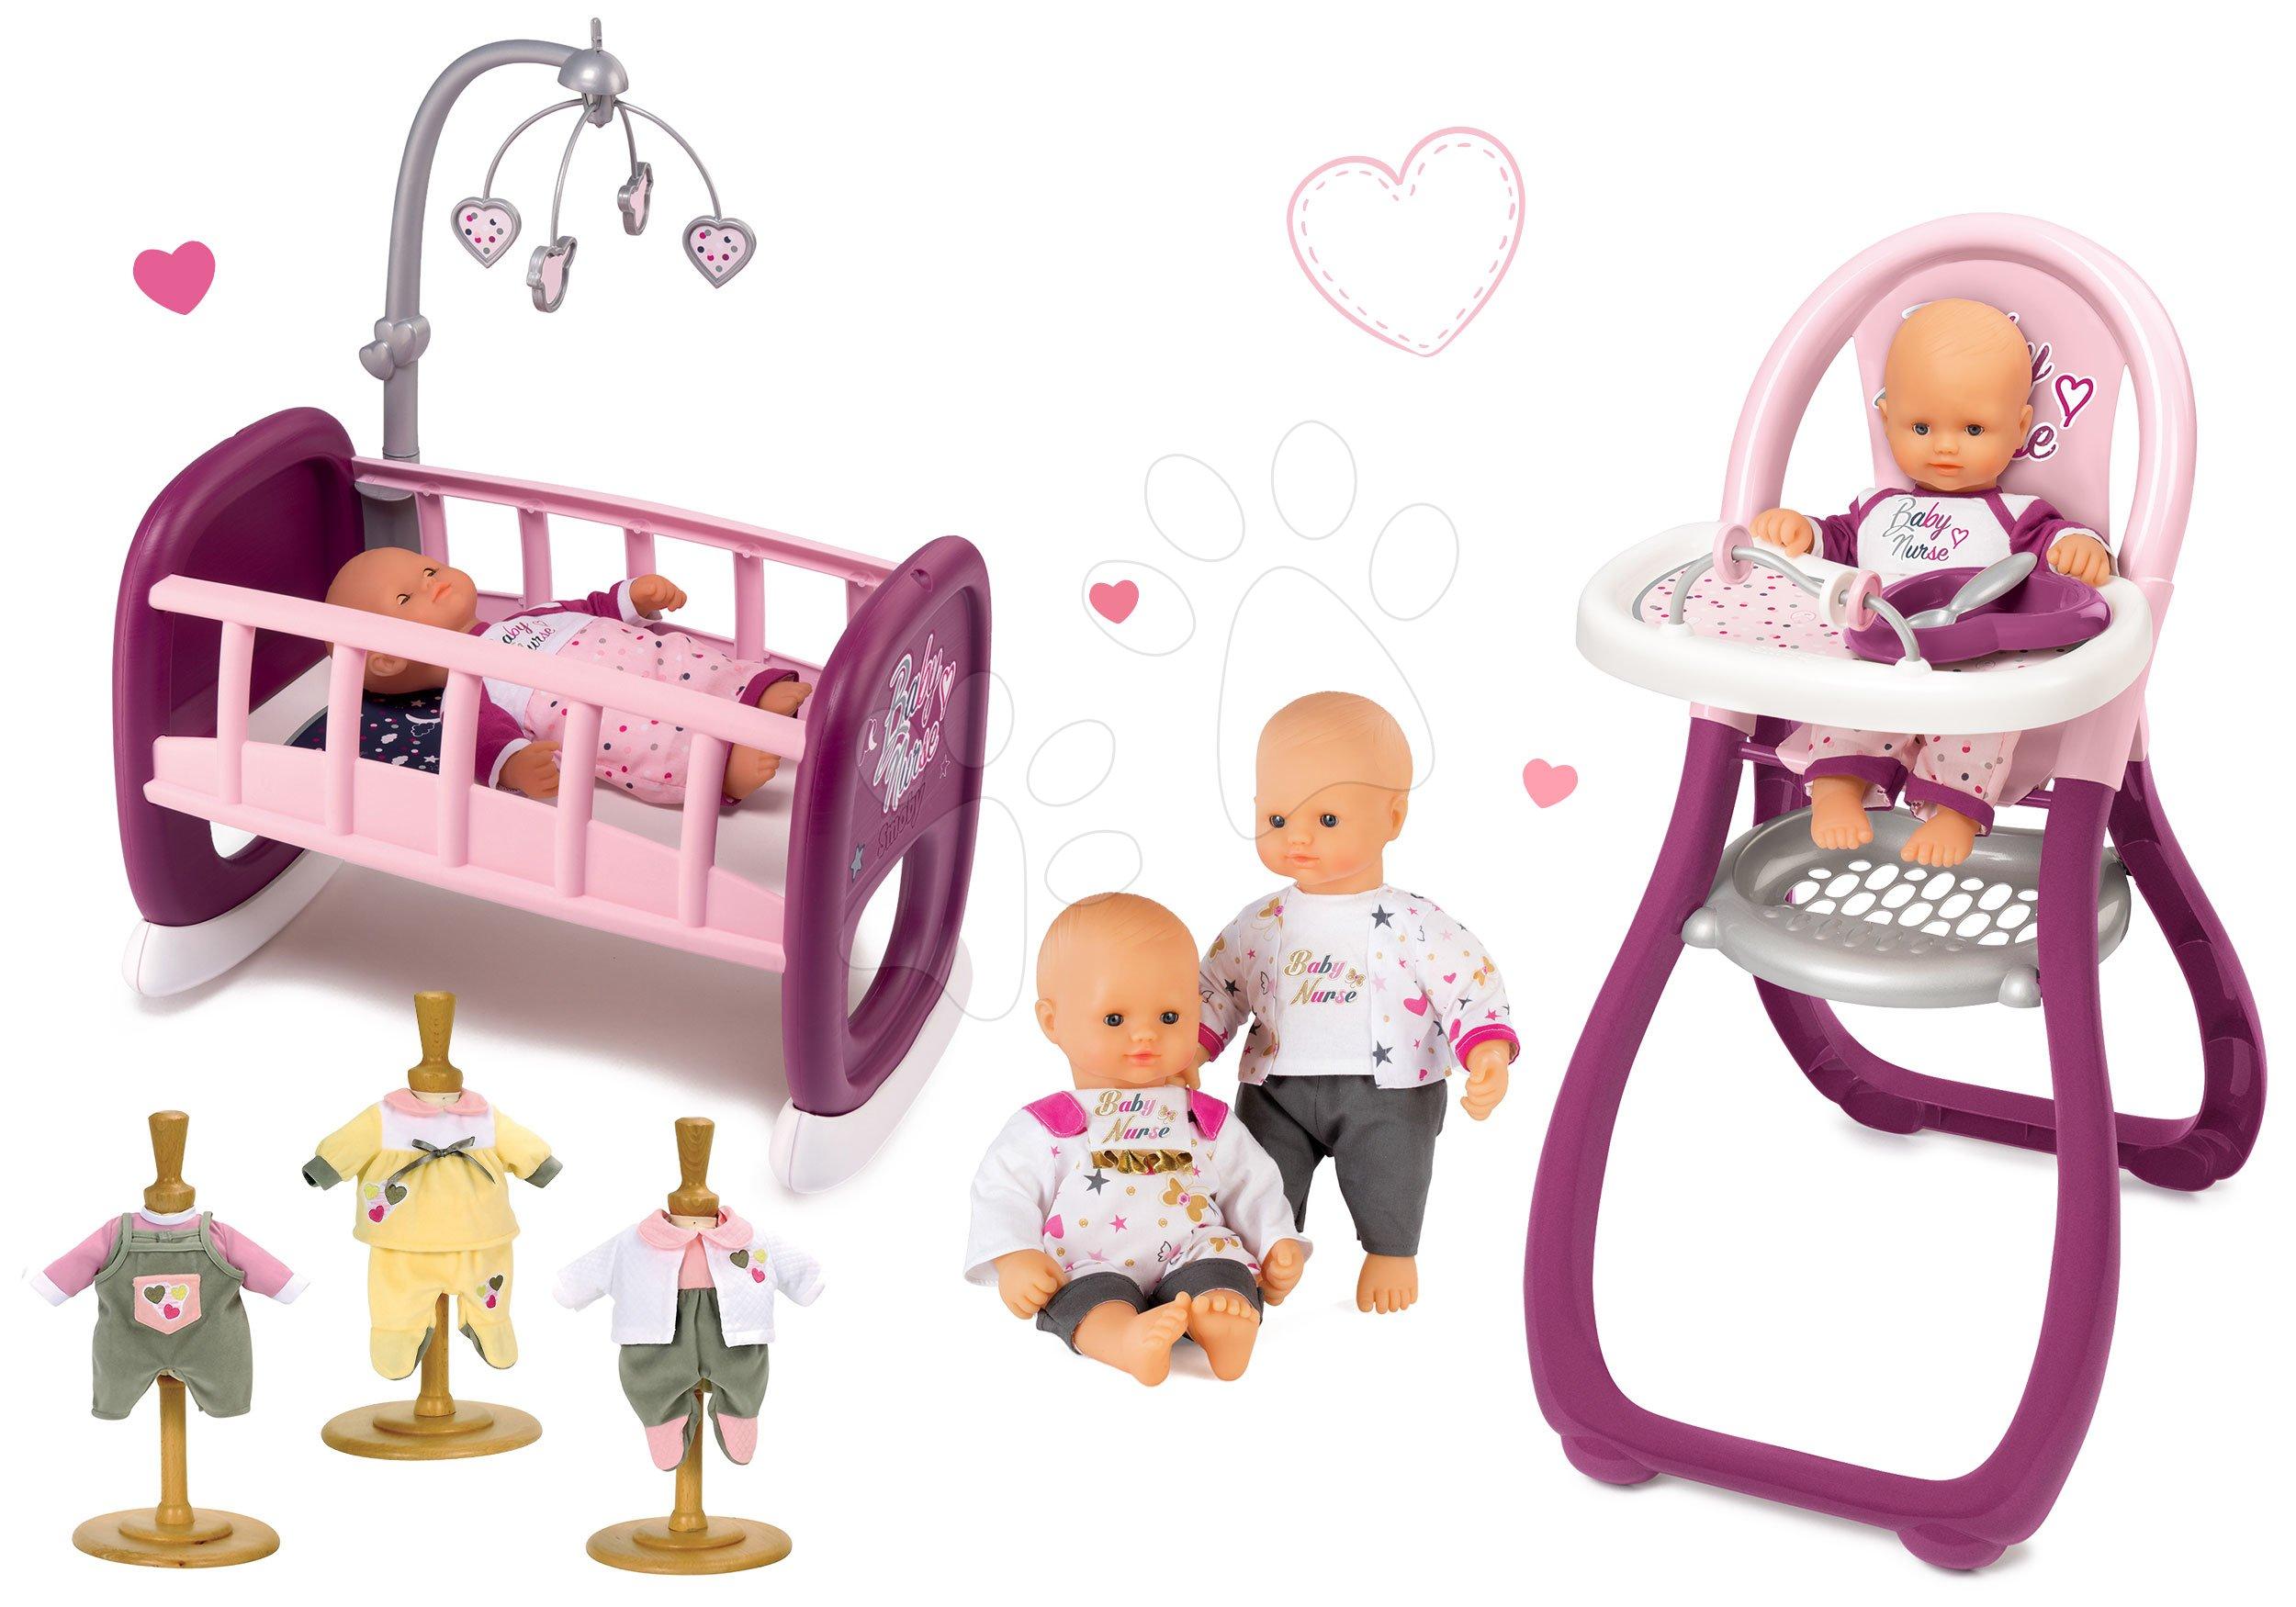 Set panenka Baby Nurse Zlatá edice Smoby 32 cm, jídelní židle, kolébka s kolotočem a 3 šaty pro panenku od 24 měsíců